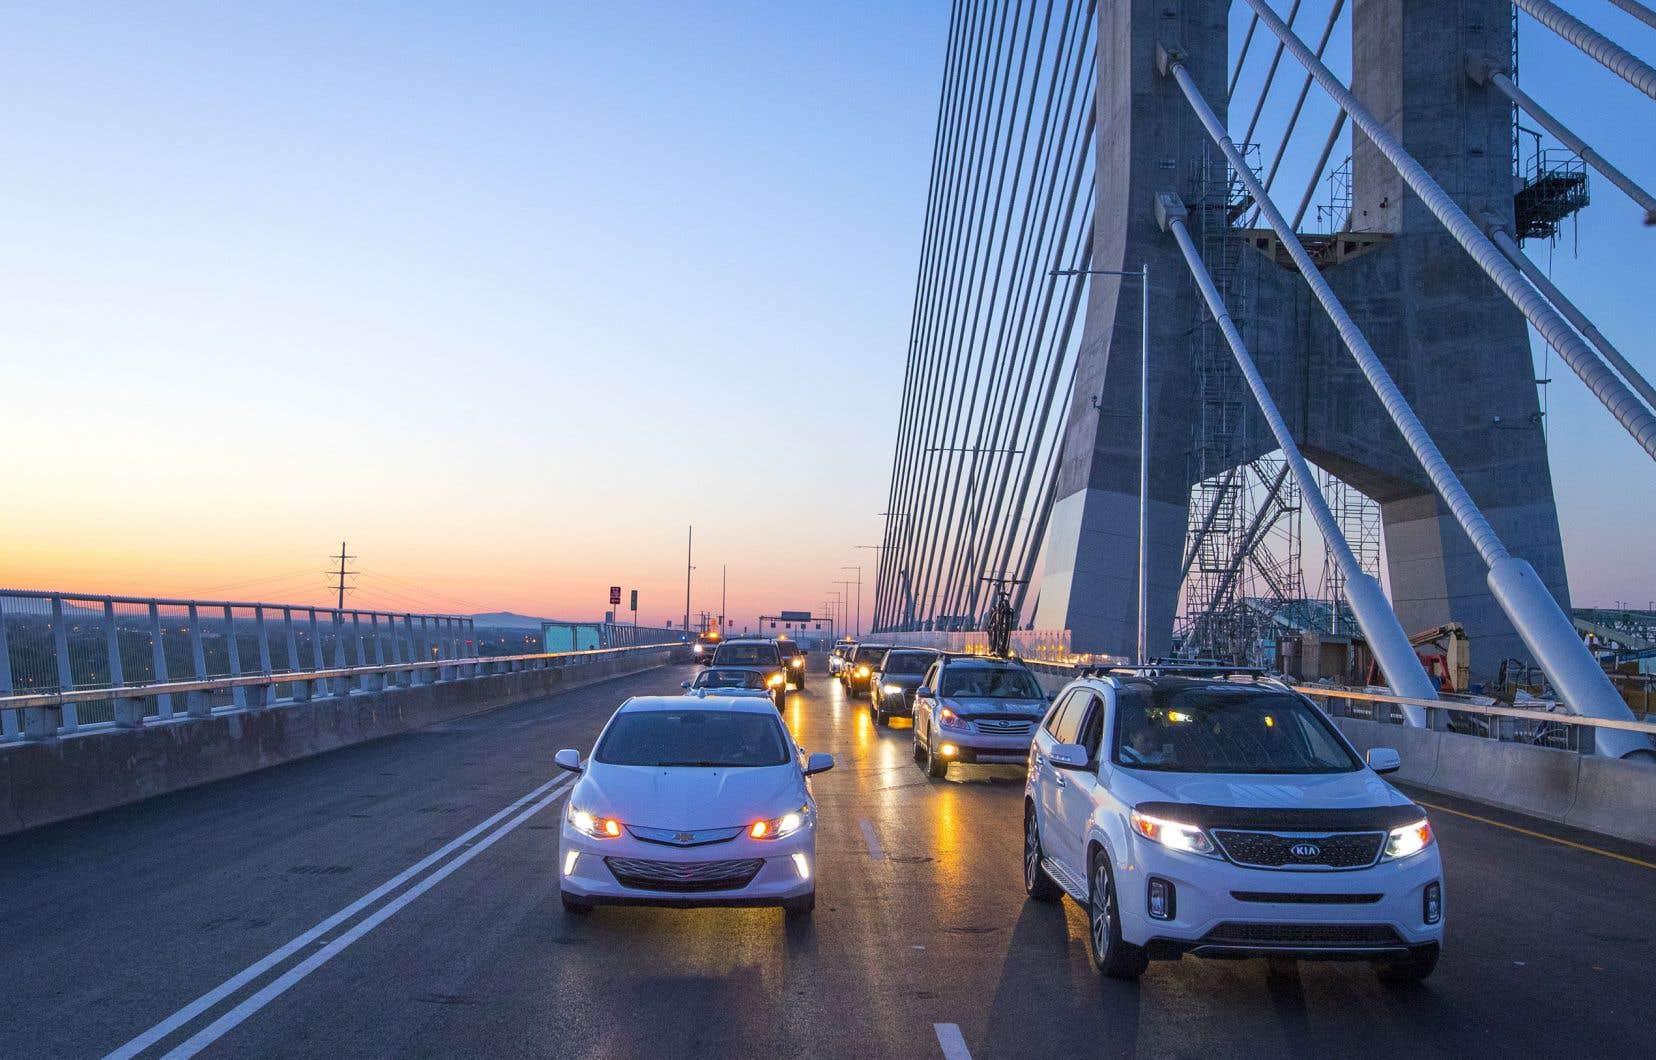 Contrairement à l'ancienne structure qui n'était pas accessible aux piétons et aux cyclistes — et donc qui ne comportait pas un tel dispositif — le nouveau pont Champlain est doté d'une piste multifonctionnelle, qui accueillera ses premiers usagers dès cet automne.